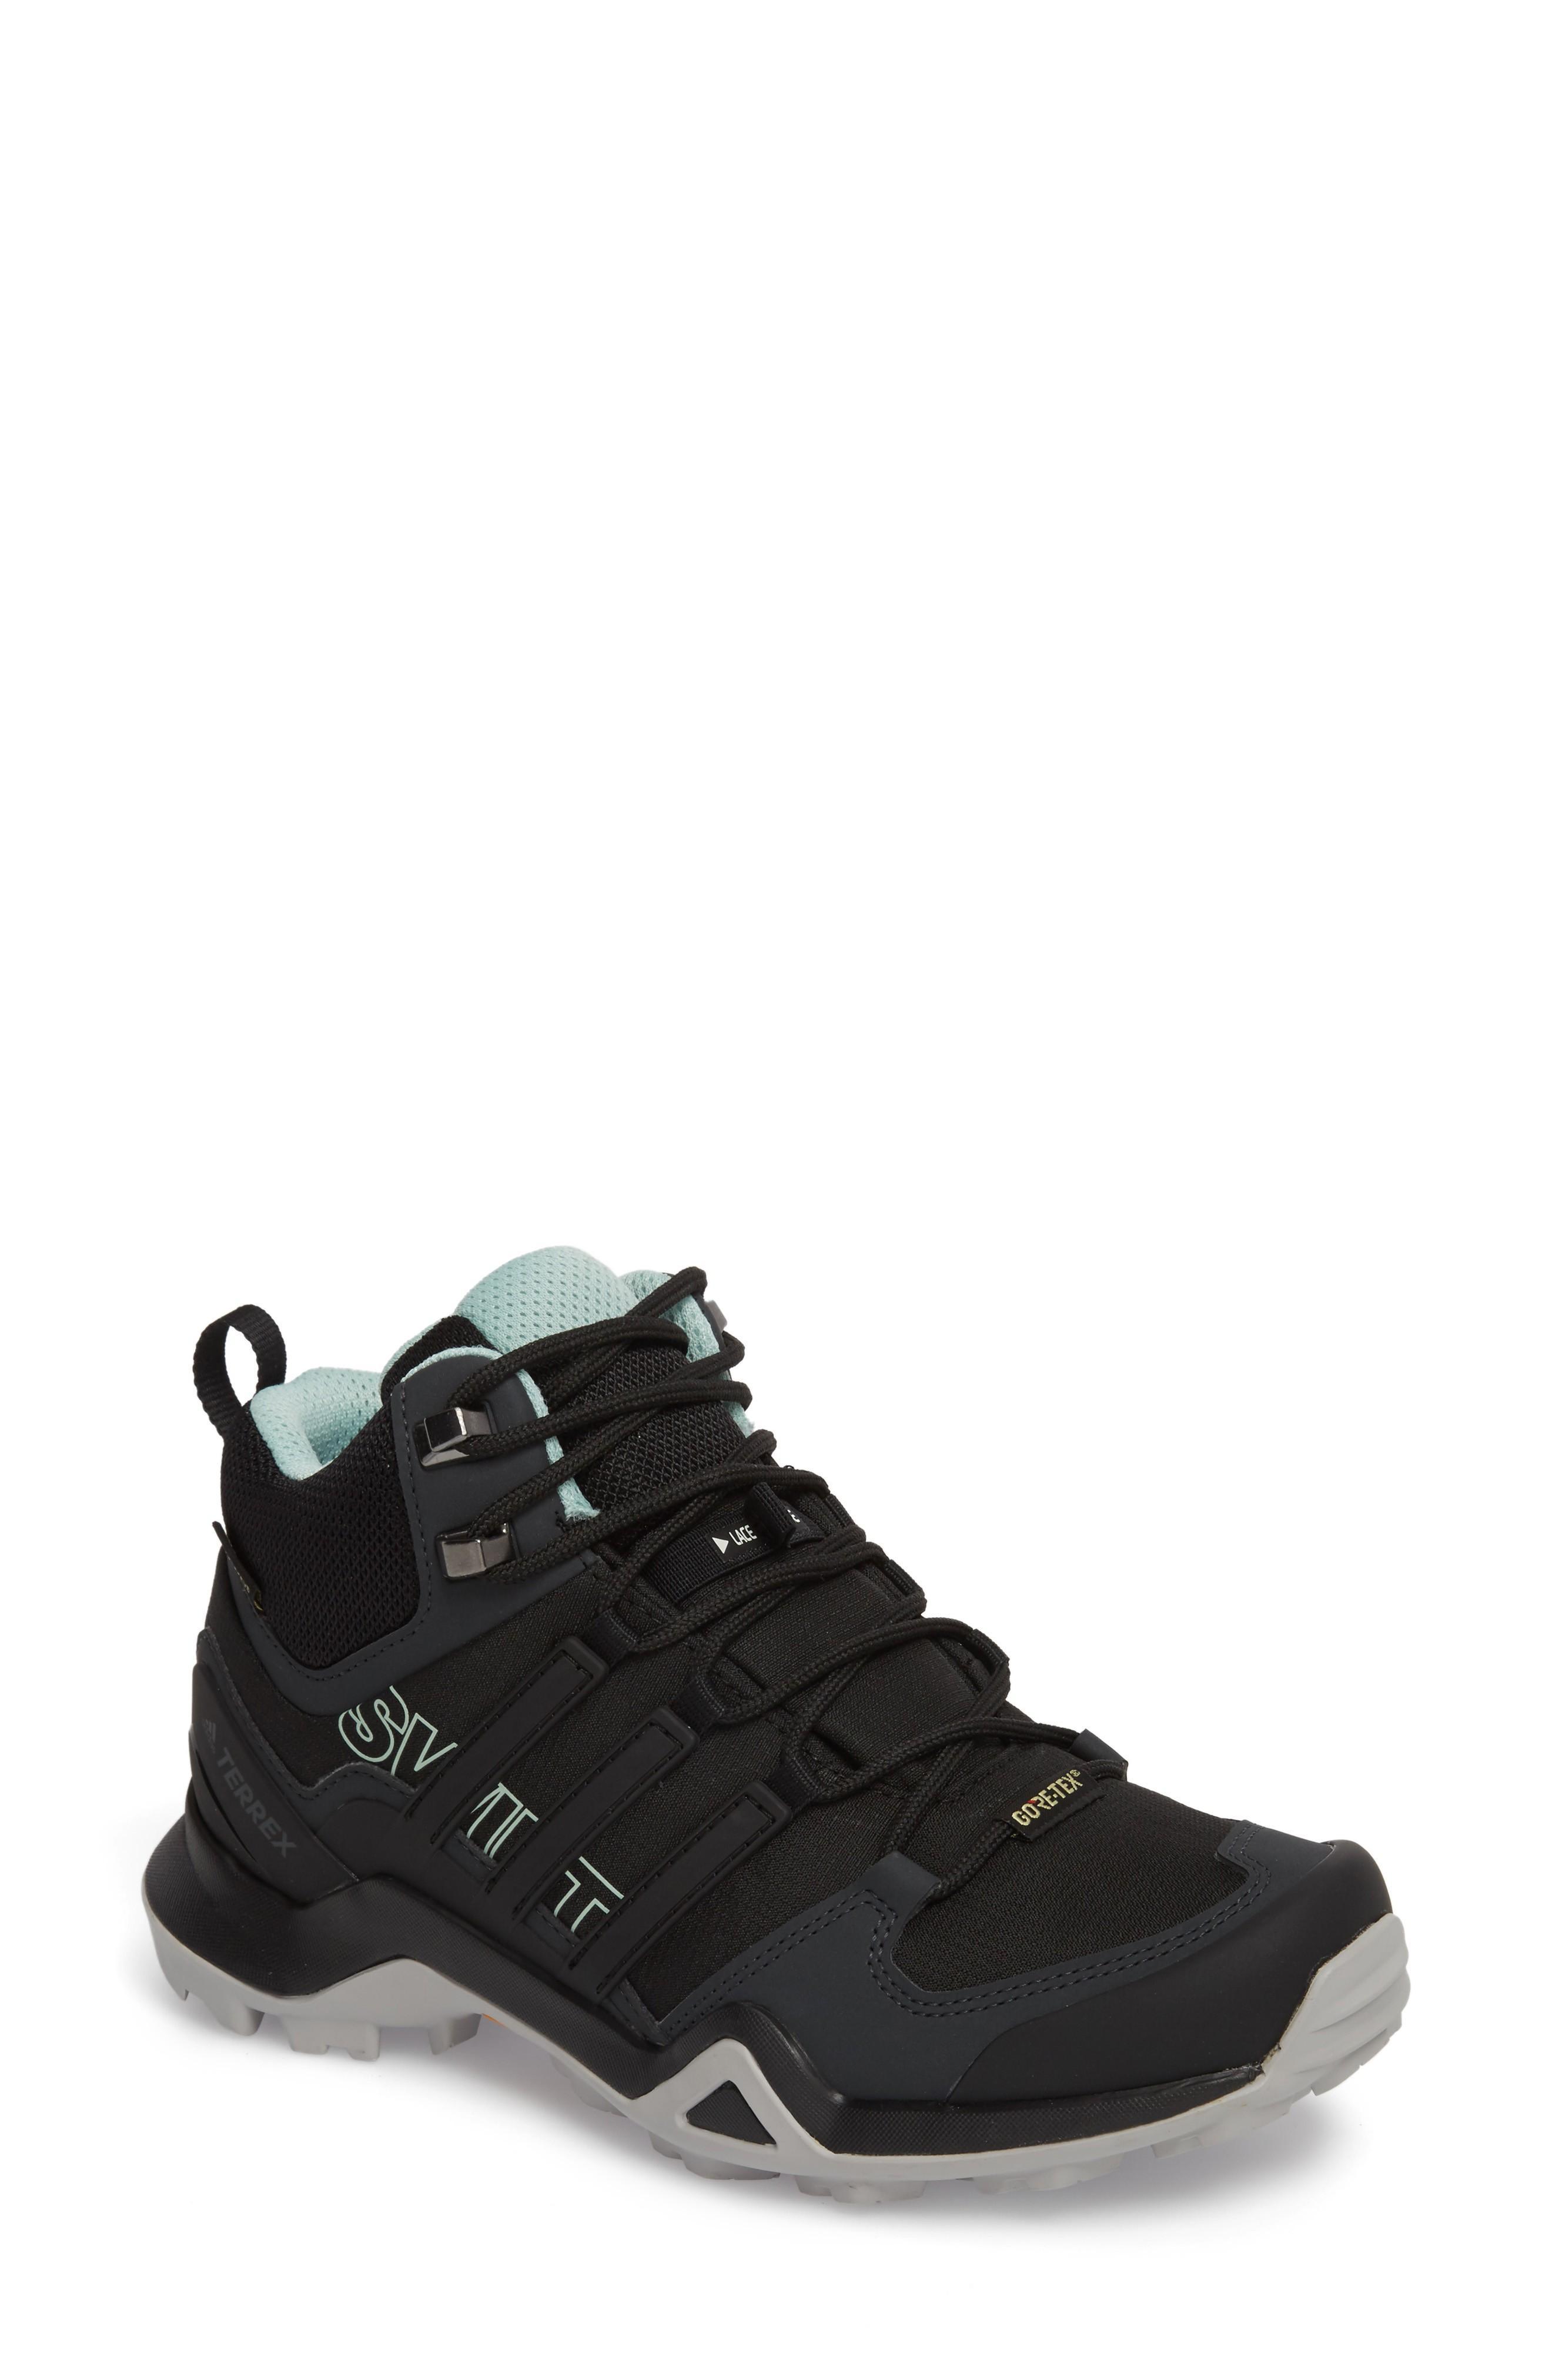 9434c773d20 Terrex Swift R2 Mid Gore-Tex Hiking Boot in Black/ Black/ Ash Green